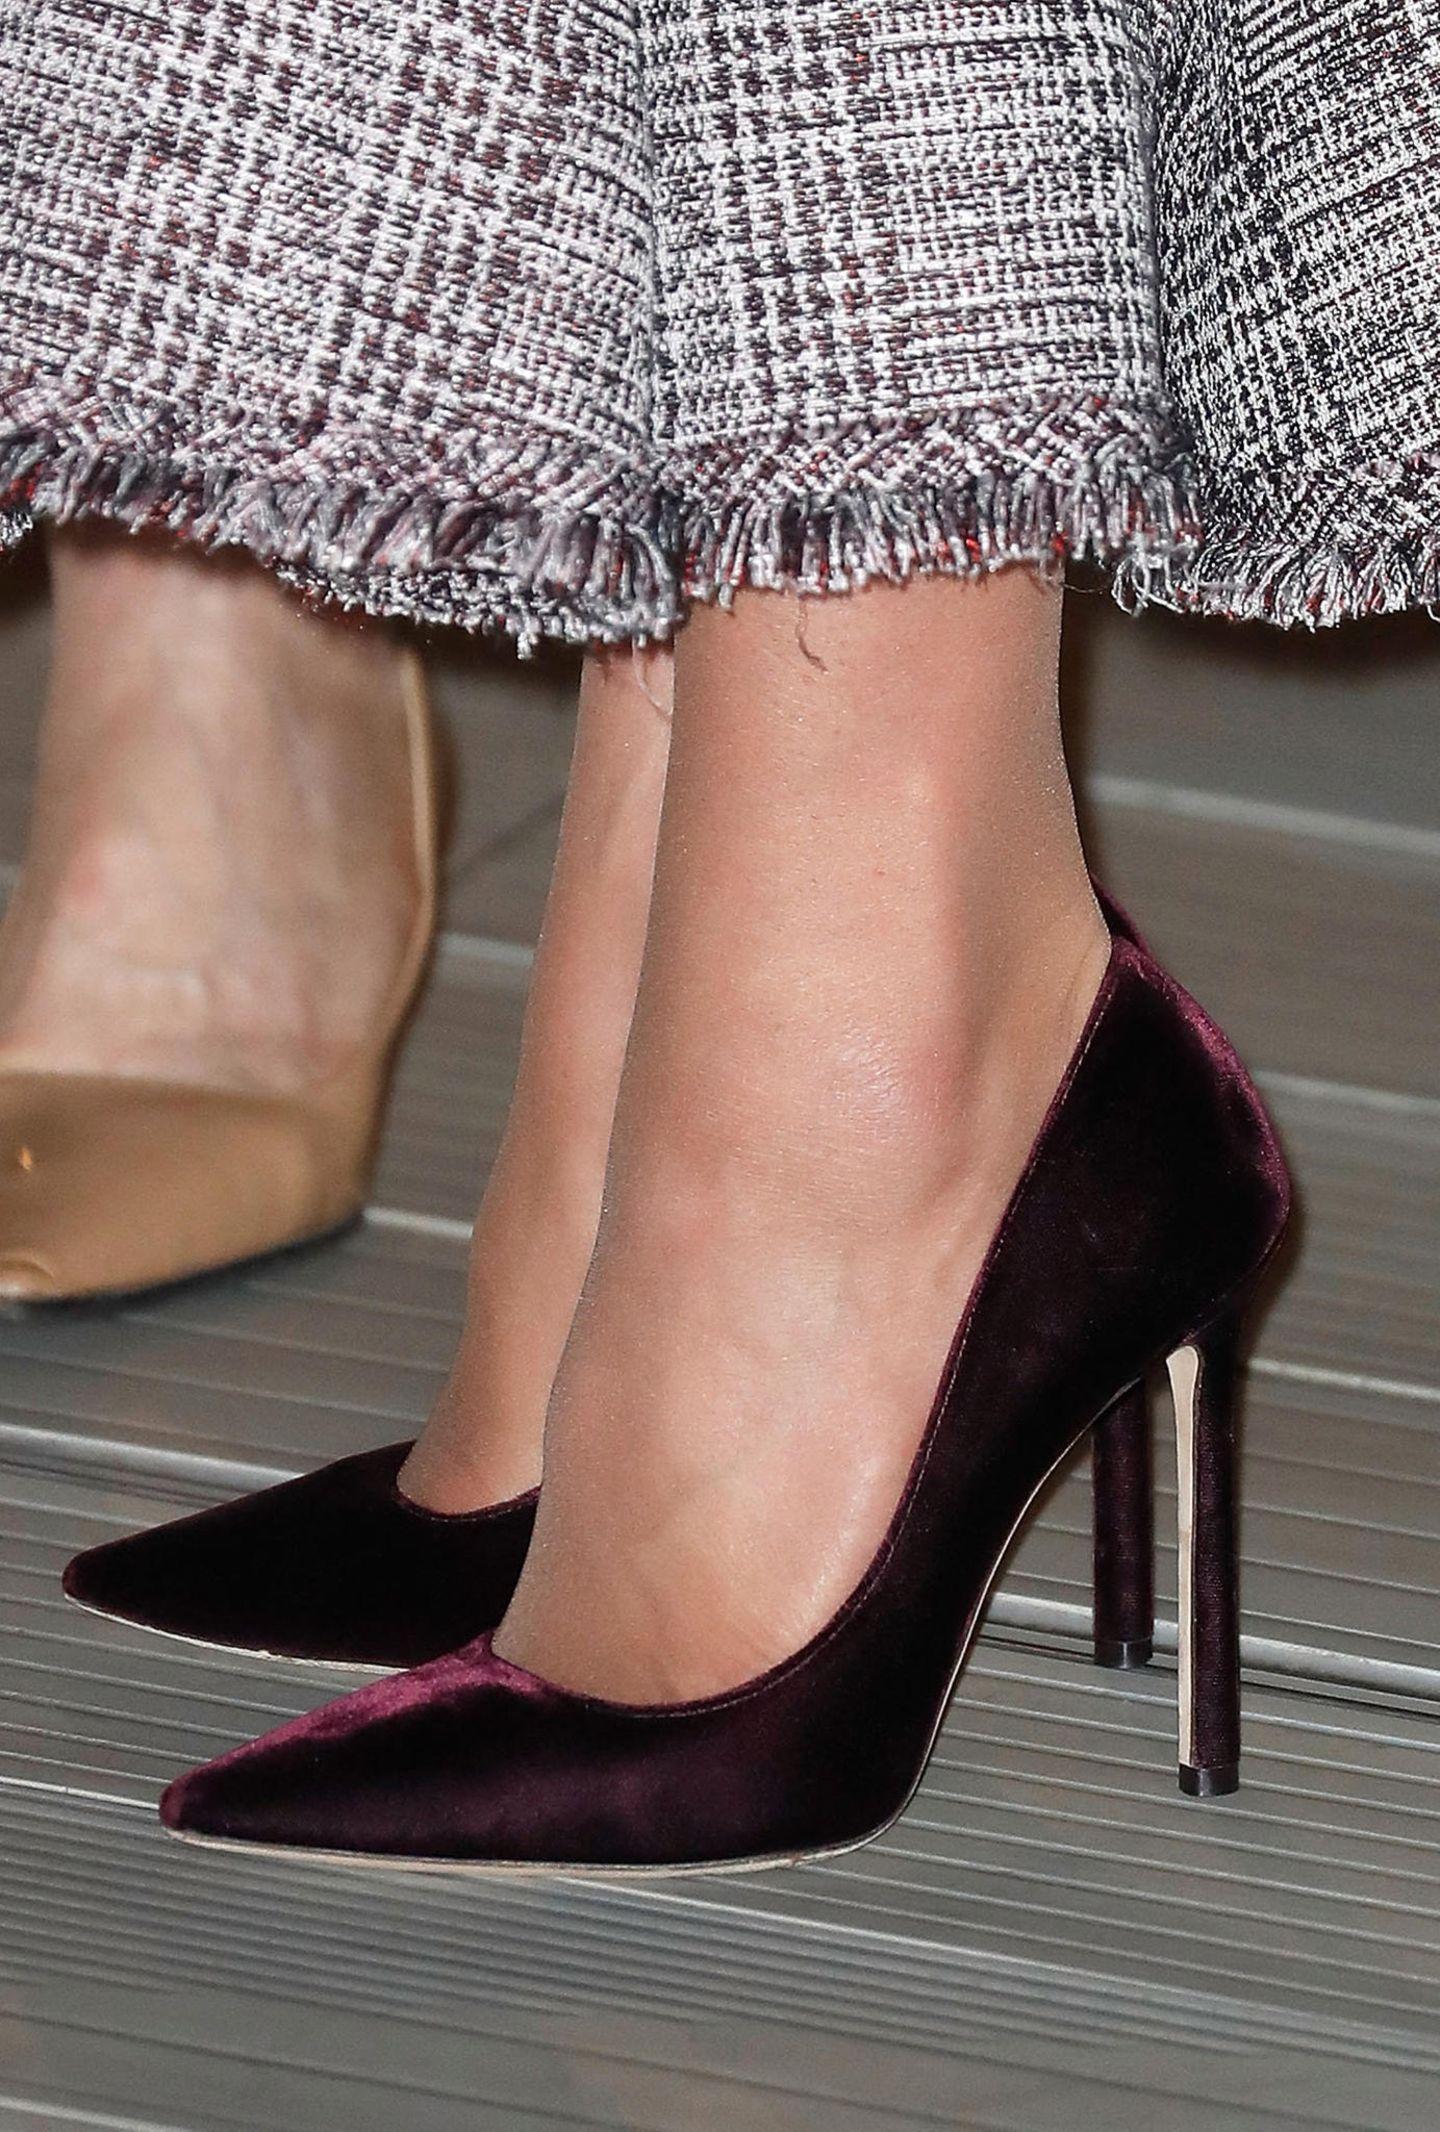 Kate wählt zu ihrem Erdem Kleid bordeauxfarbene Samt-Pumps von Jimmy Choo. Auch Meghan besitzt exakt dasselbe Modell. Hat sich Catherine etwa von ihrer Schwägerin die Schuhe ausgeliehen?